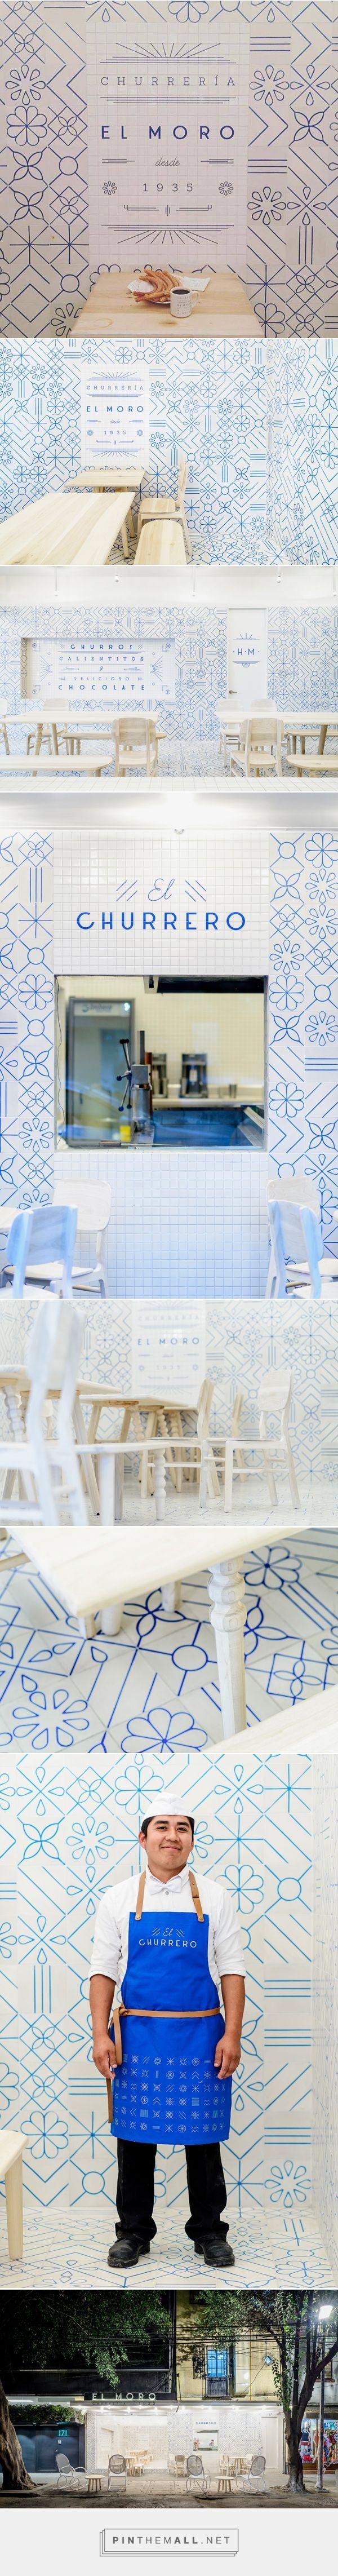 Cadena y Asociados invade la churrería 'El Moro' | Domestika